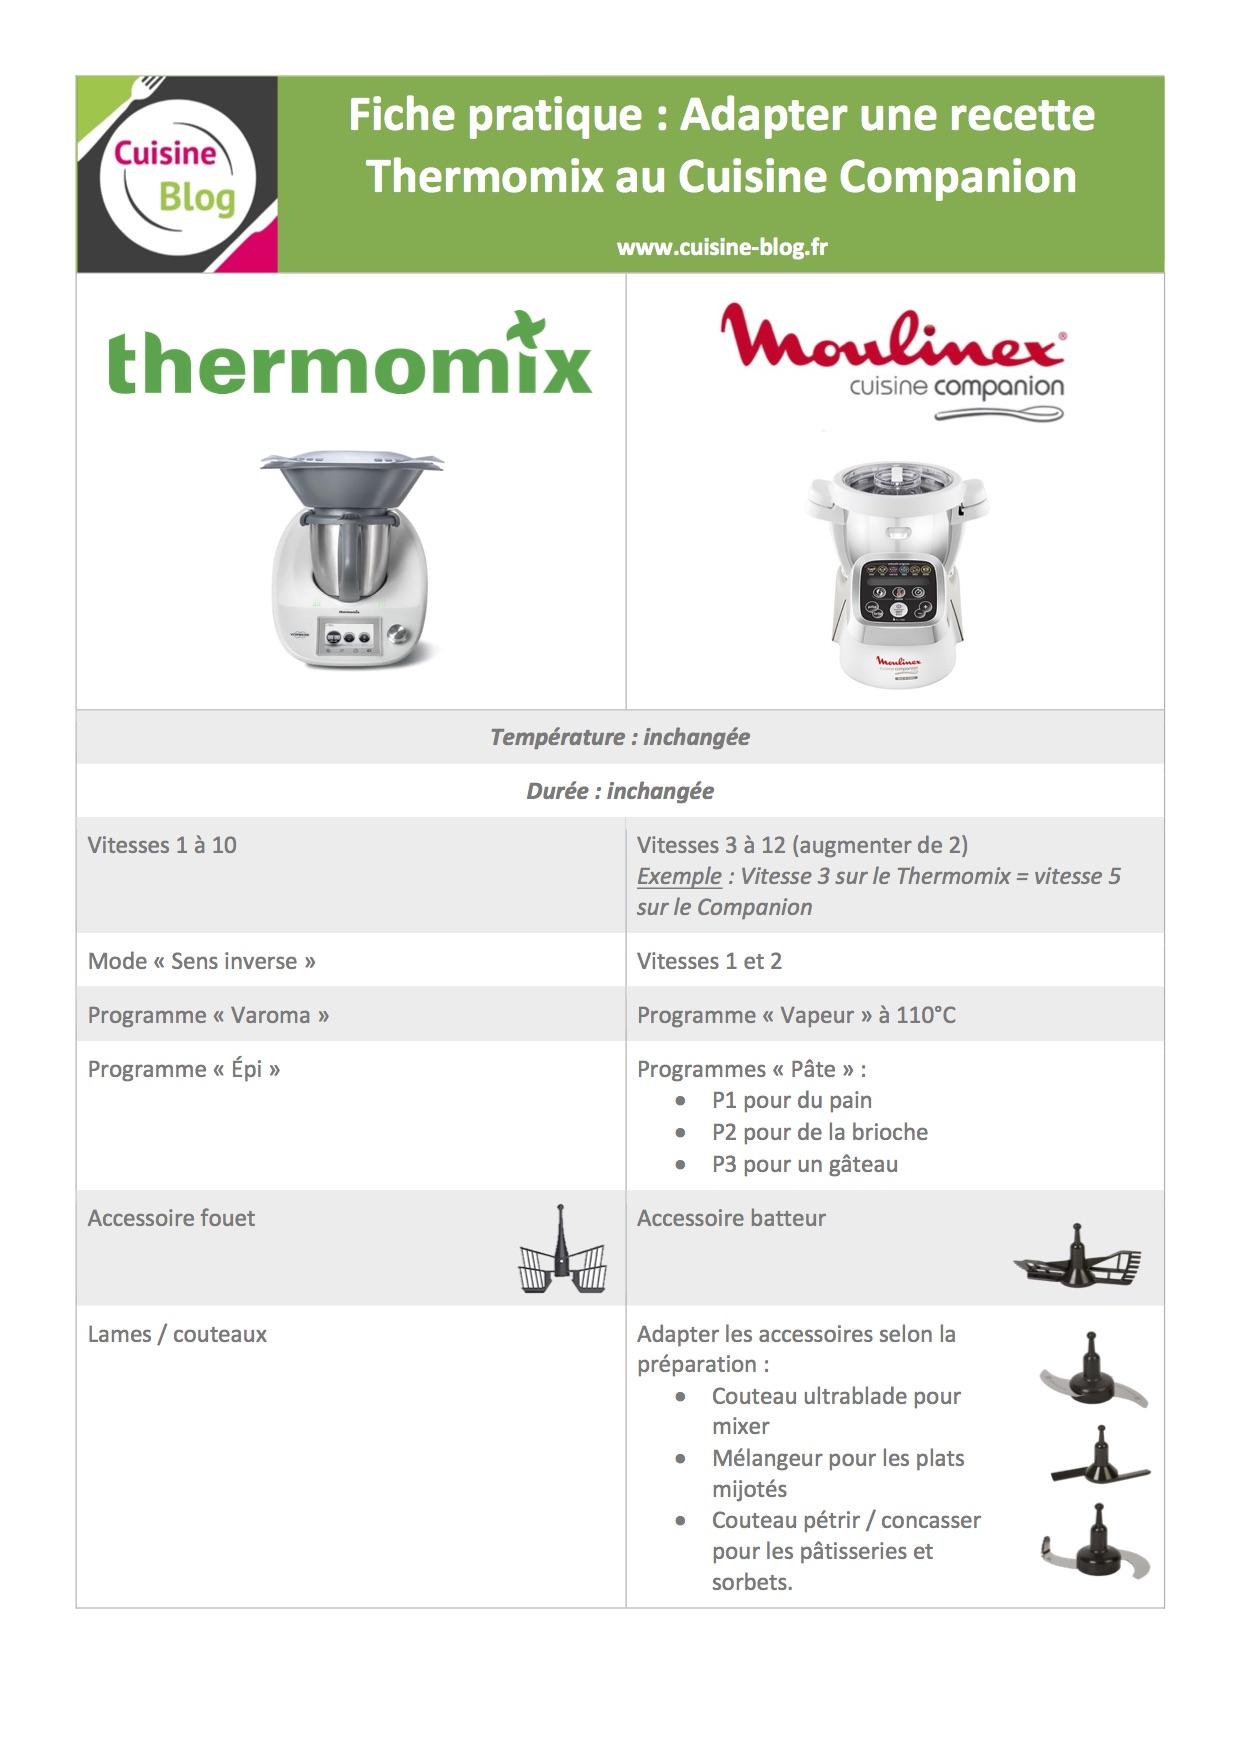 Fiche adaptation Thermomix Companion - Fiche-adaptation-Thermomix-Companion